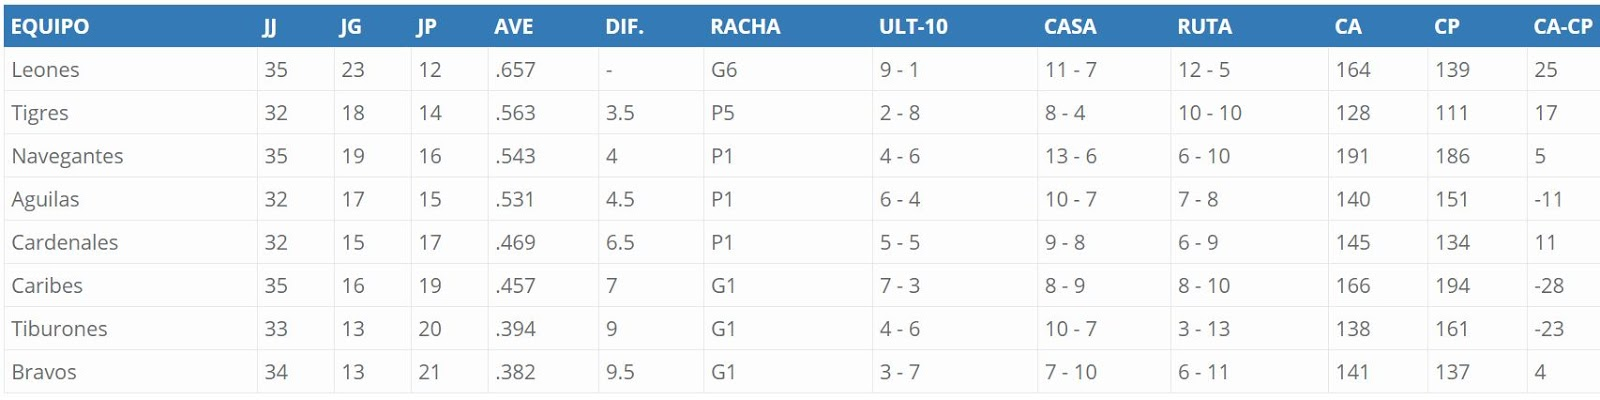 Tabla de posiciones LVBP actualizada. Tabla de posiciones del beisbol profesional venezolano 2017-2018 actualizada